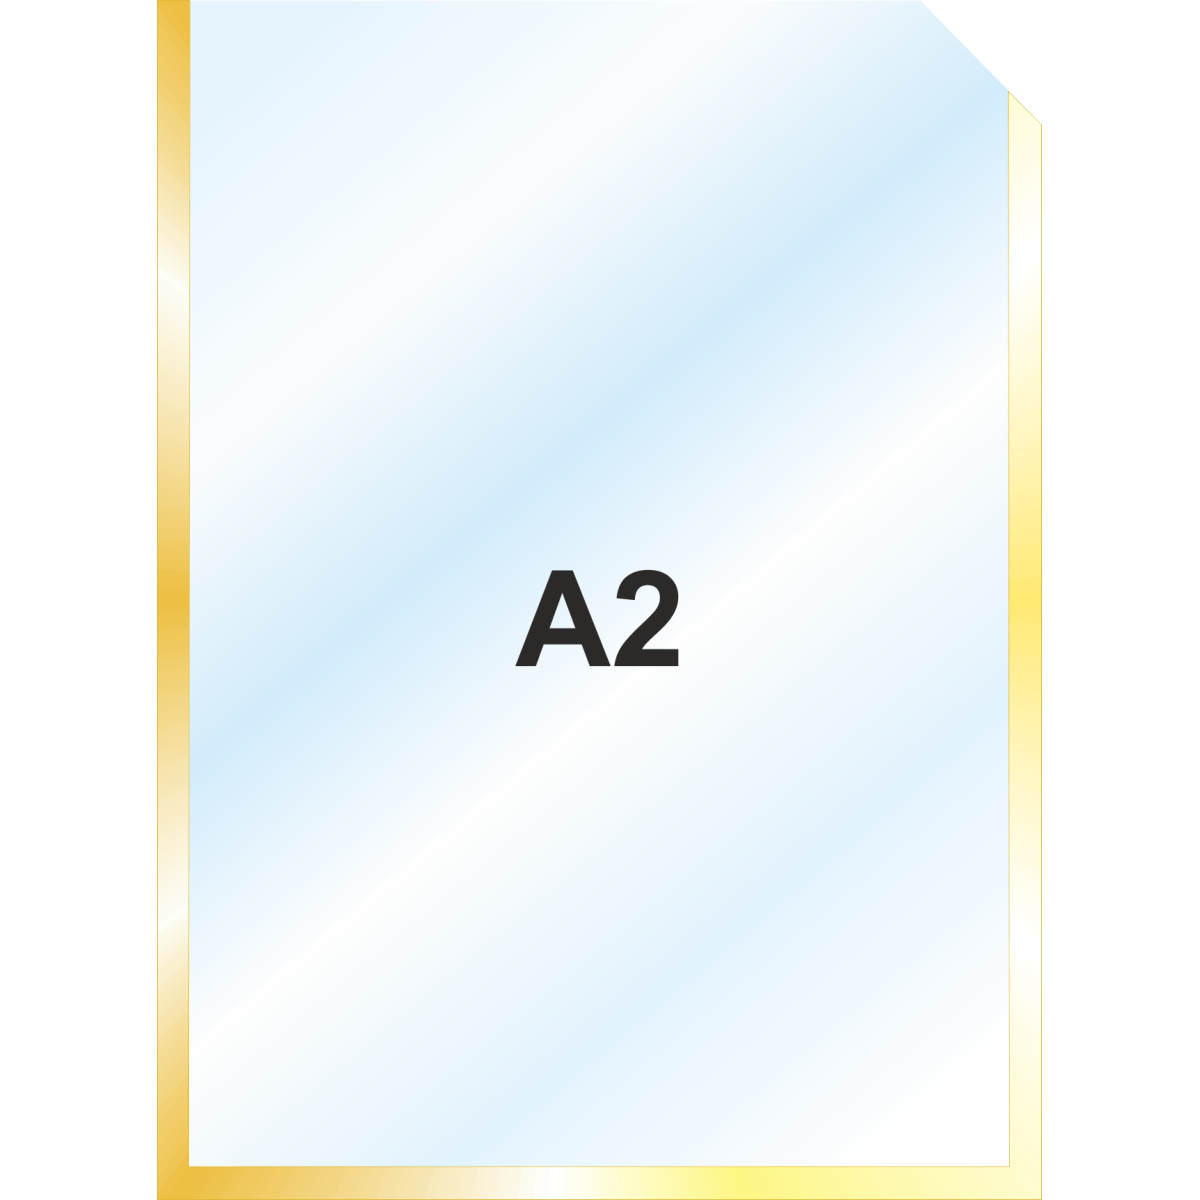 Пластиковый карман А2 вертикальный самоклеящийся, ЗОЛОТОЙ